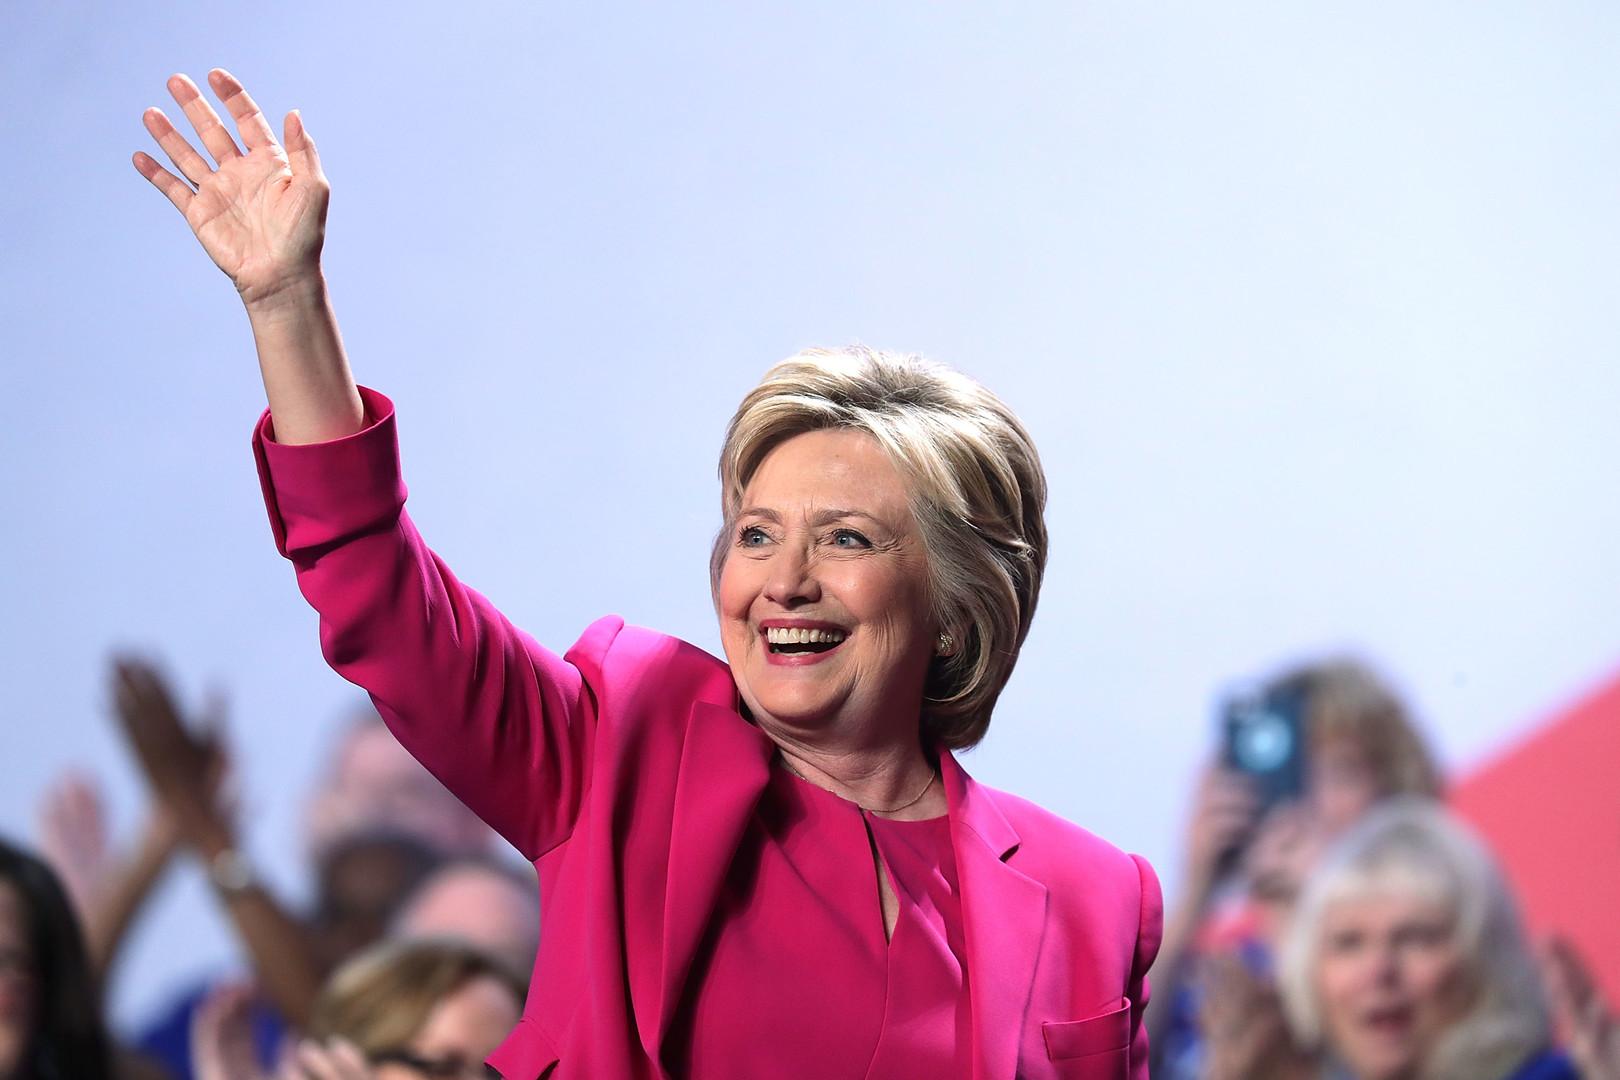 Письма счастья: Найдено подтверждение покровительству Клинтон спонсорам Clinton Foundation